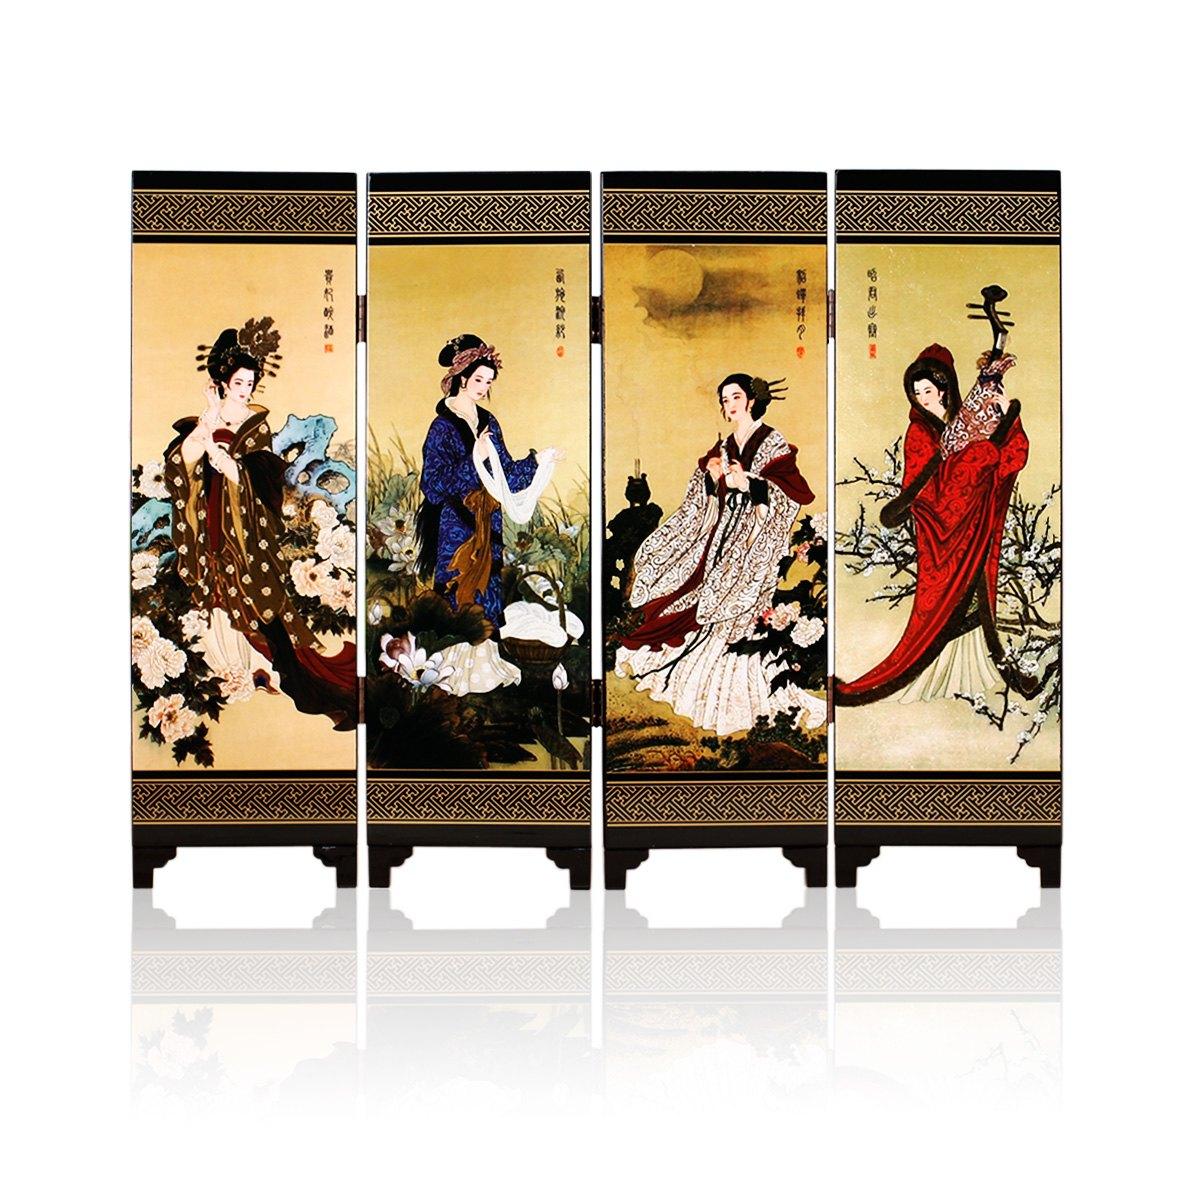 Chinees kamerscherm koop goedkope chinees kamerscherm loten van chinese chinees kamerscherm - Verwijderbare partitie ...